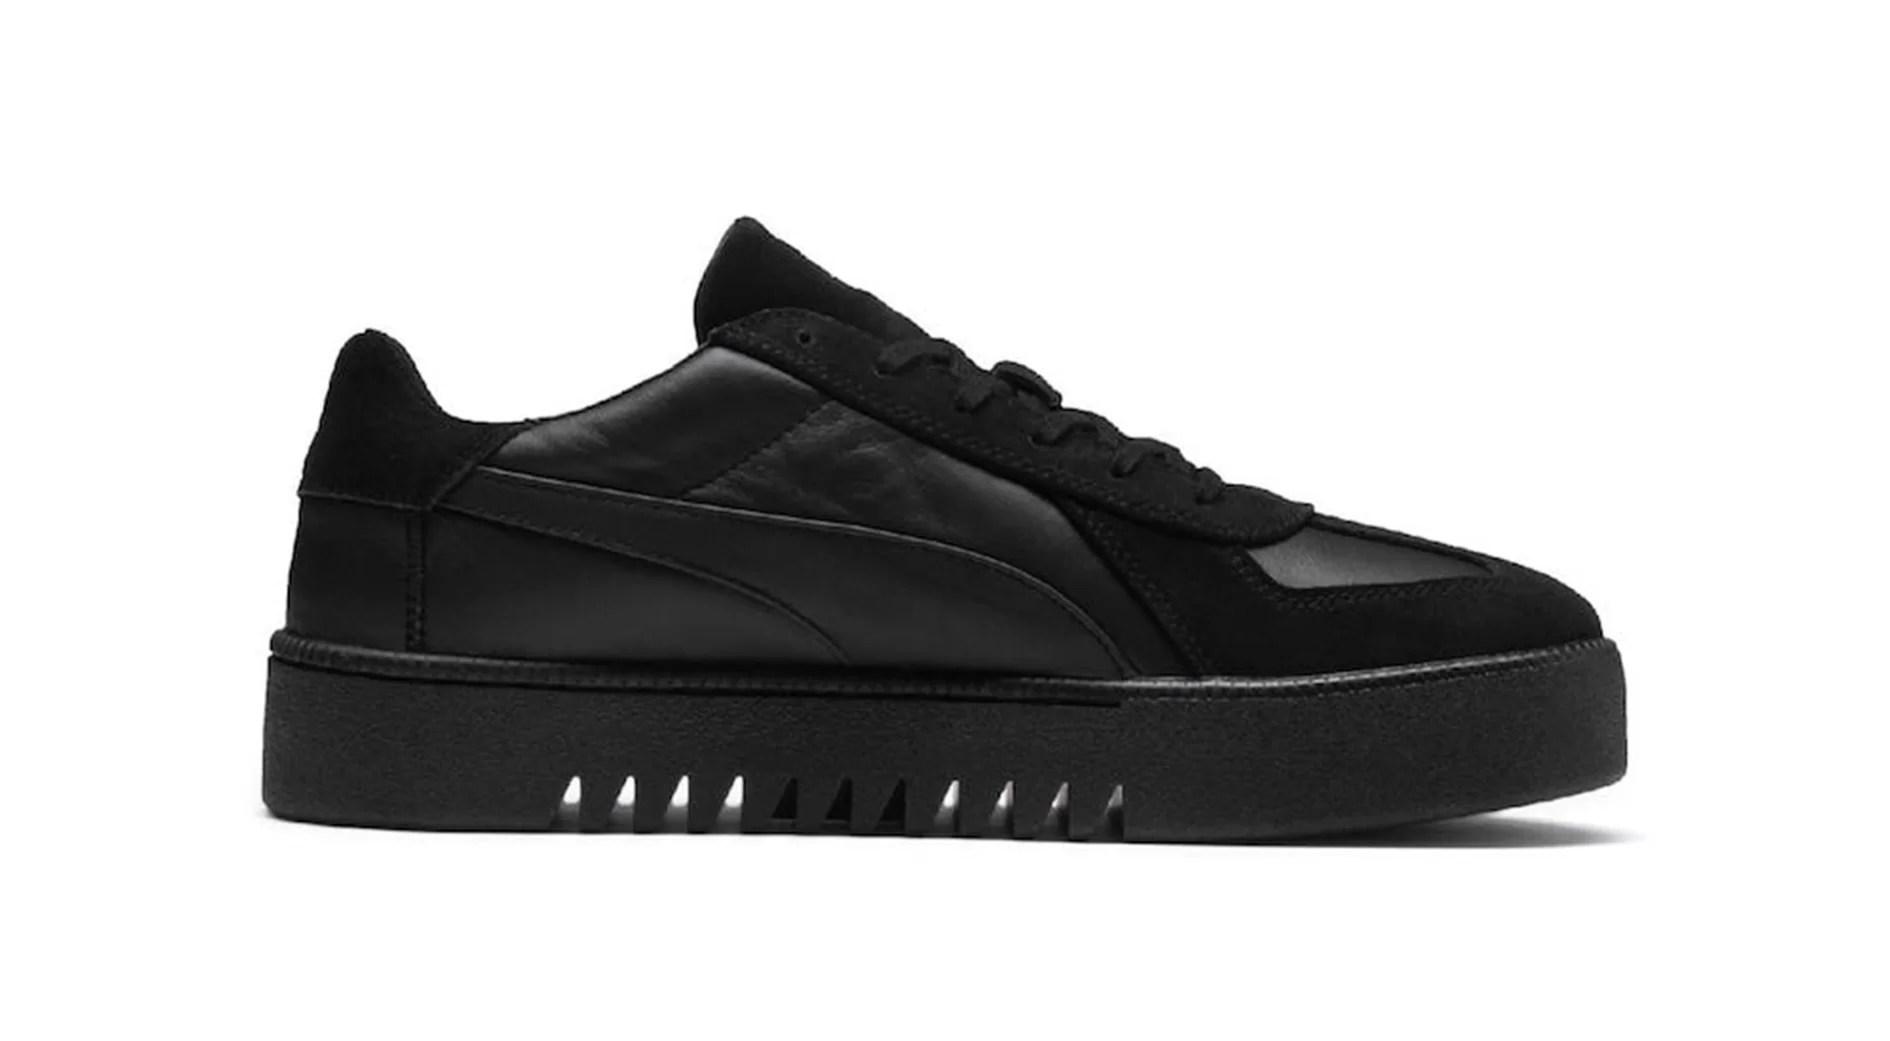 Weeknd x Puma Terrain Low Sneaker